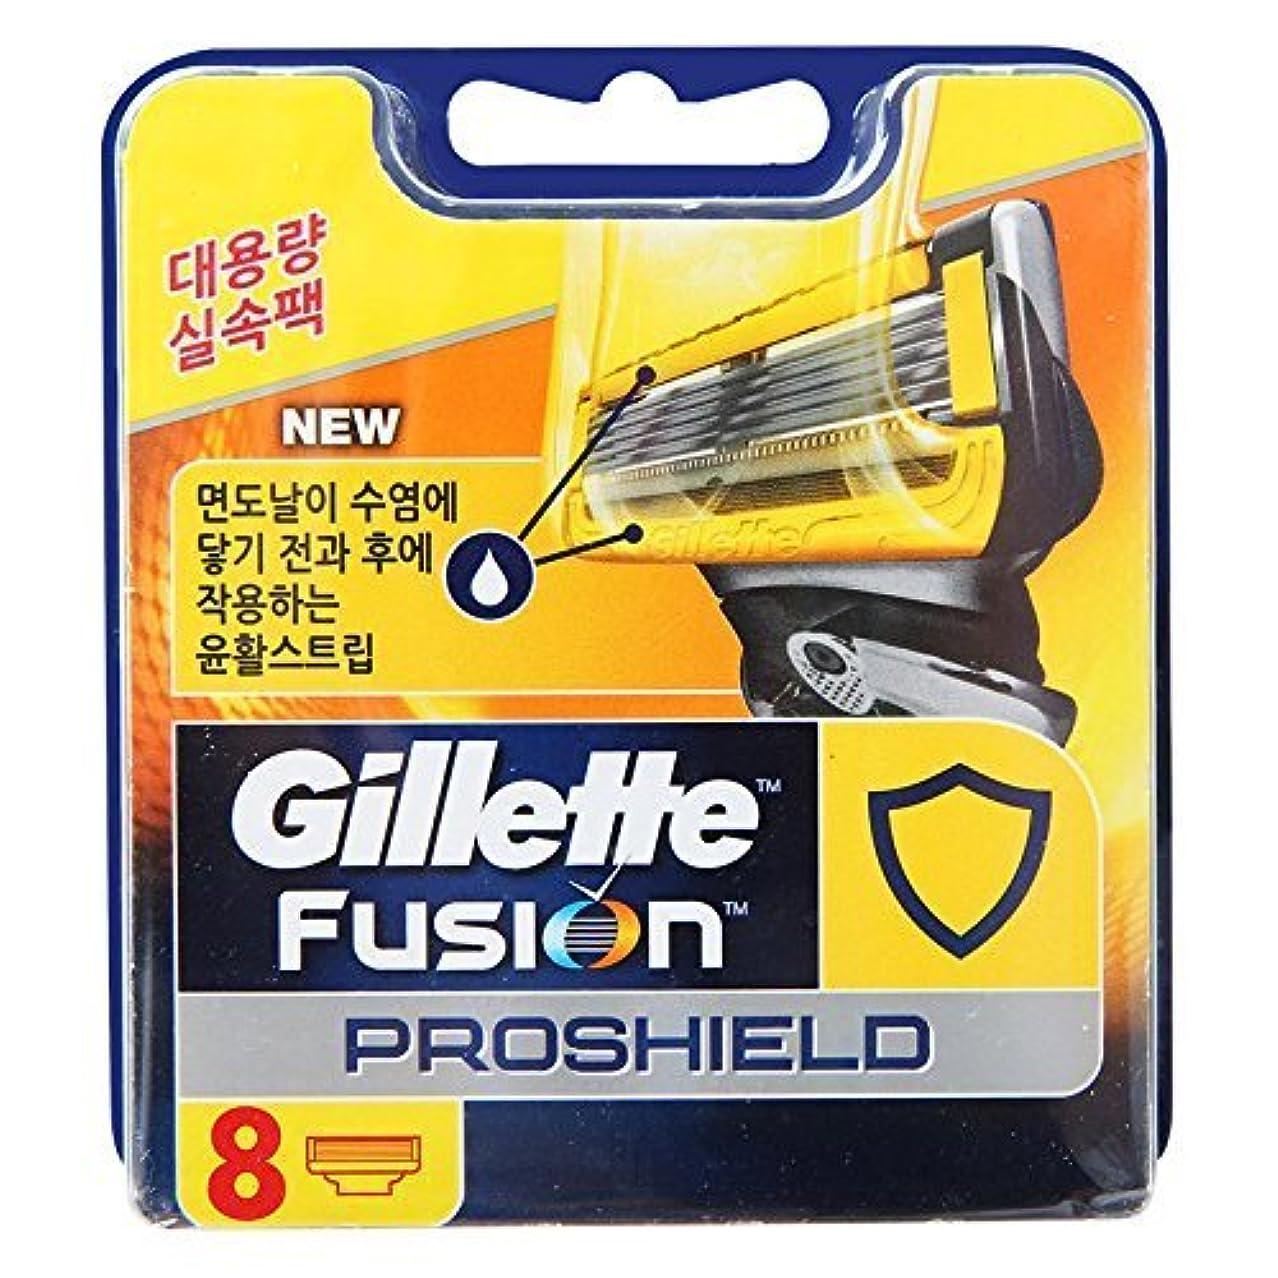 魅力時刻表かすかなGillette Fusion Proshield Yellow Men's Razor Blade 8 Pack / ドイツ製 [並行輸入品]